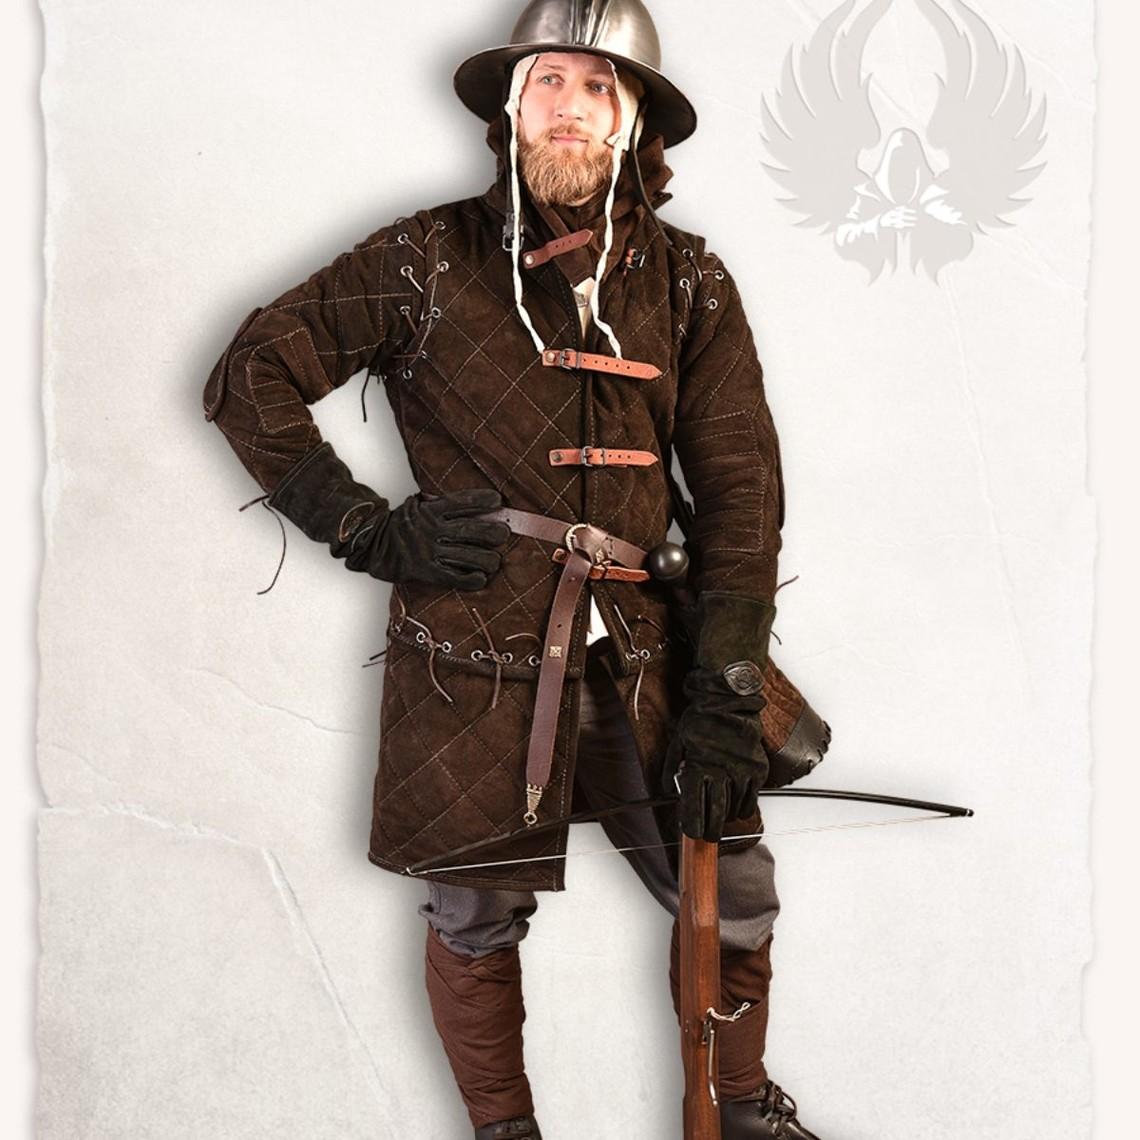 Mytholon de cuero de gamuza gambesón Arthur conjunto completo de color marrón